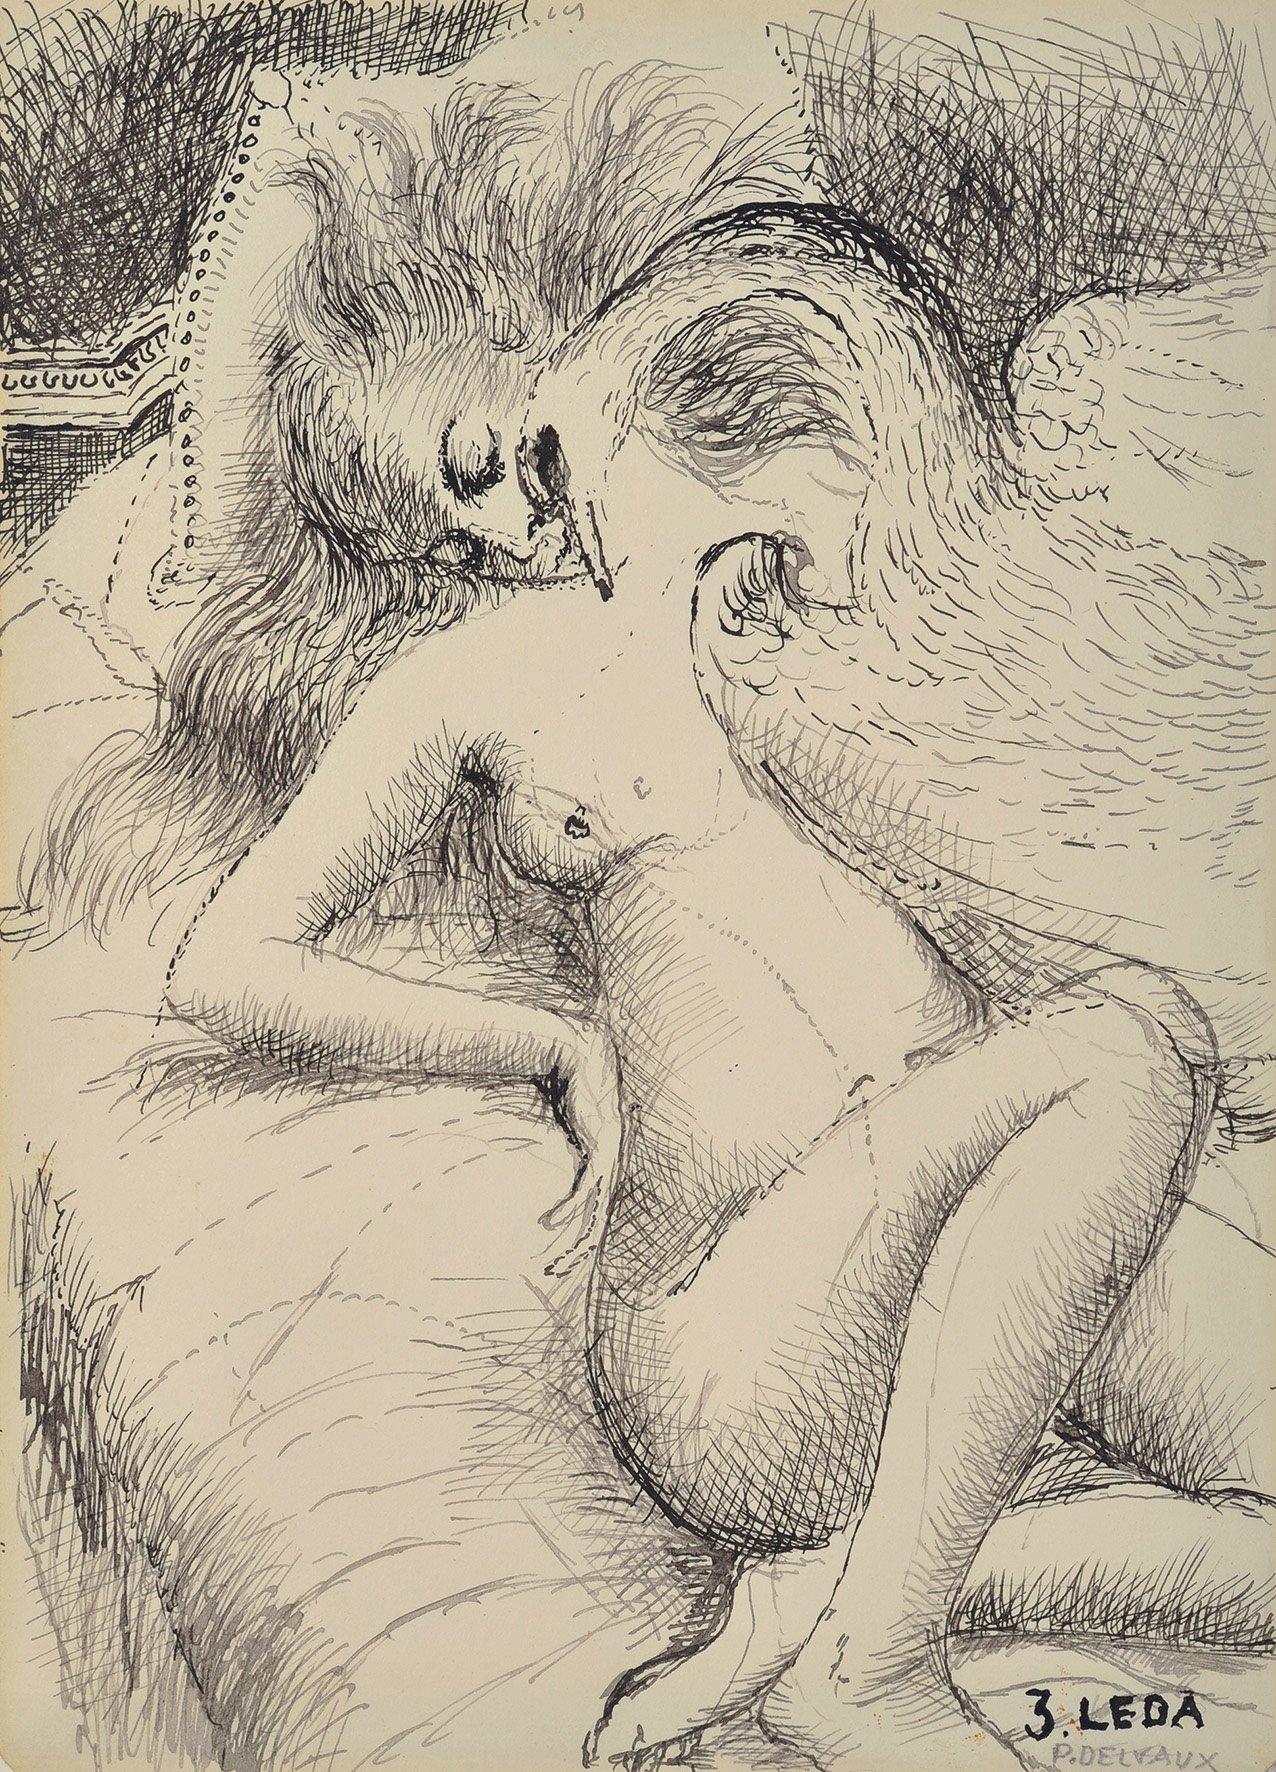 Ets Léda, 1969, Oost-Indische inkt op papier. Illustratie van een gedicht van Eluard. © Foundation Paul Delvaux